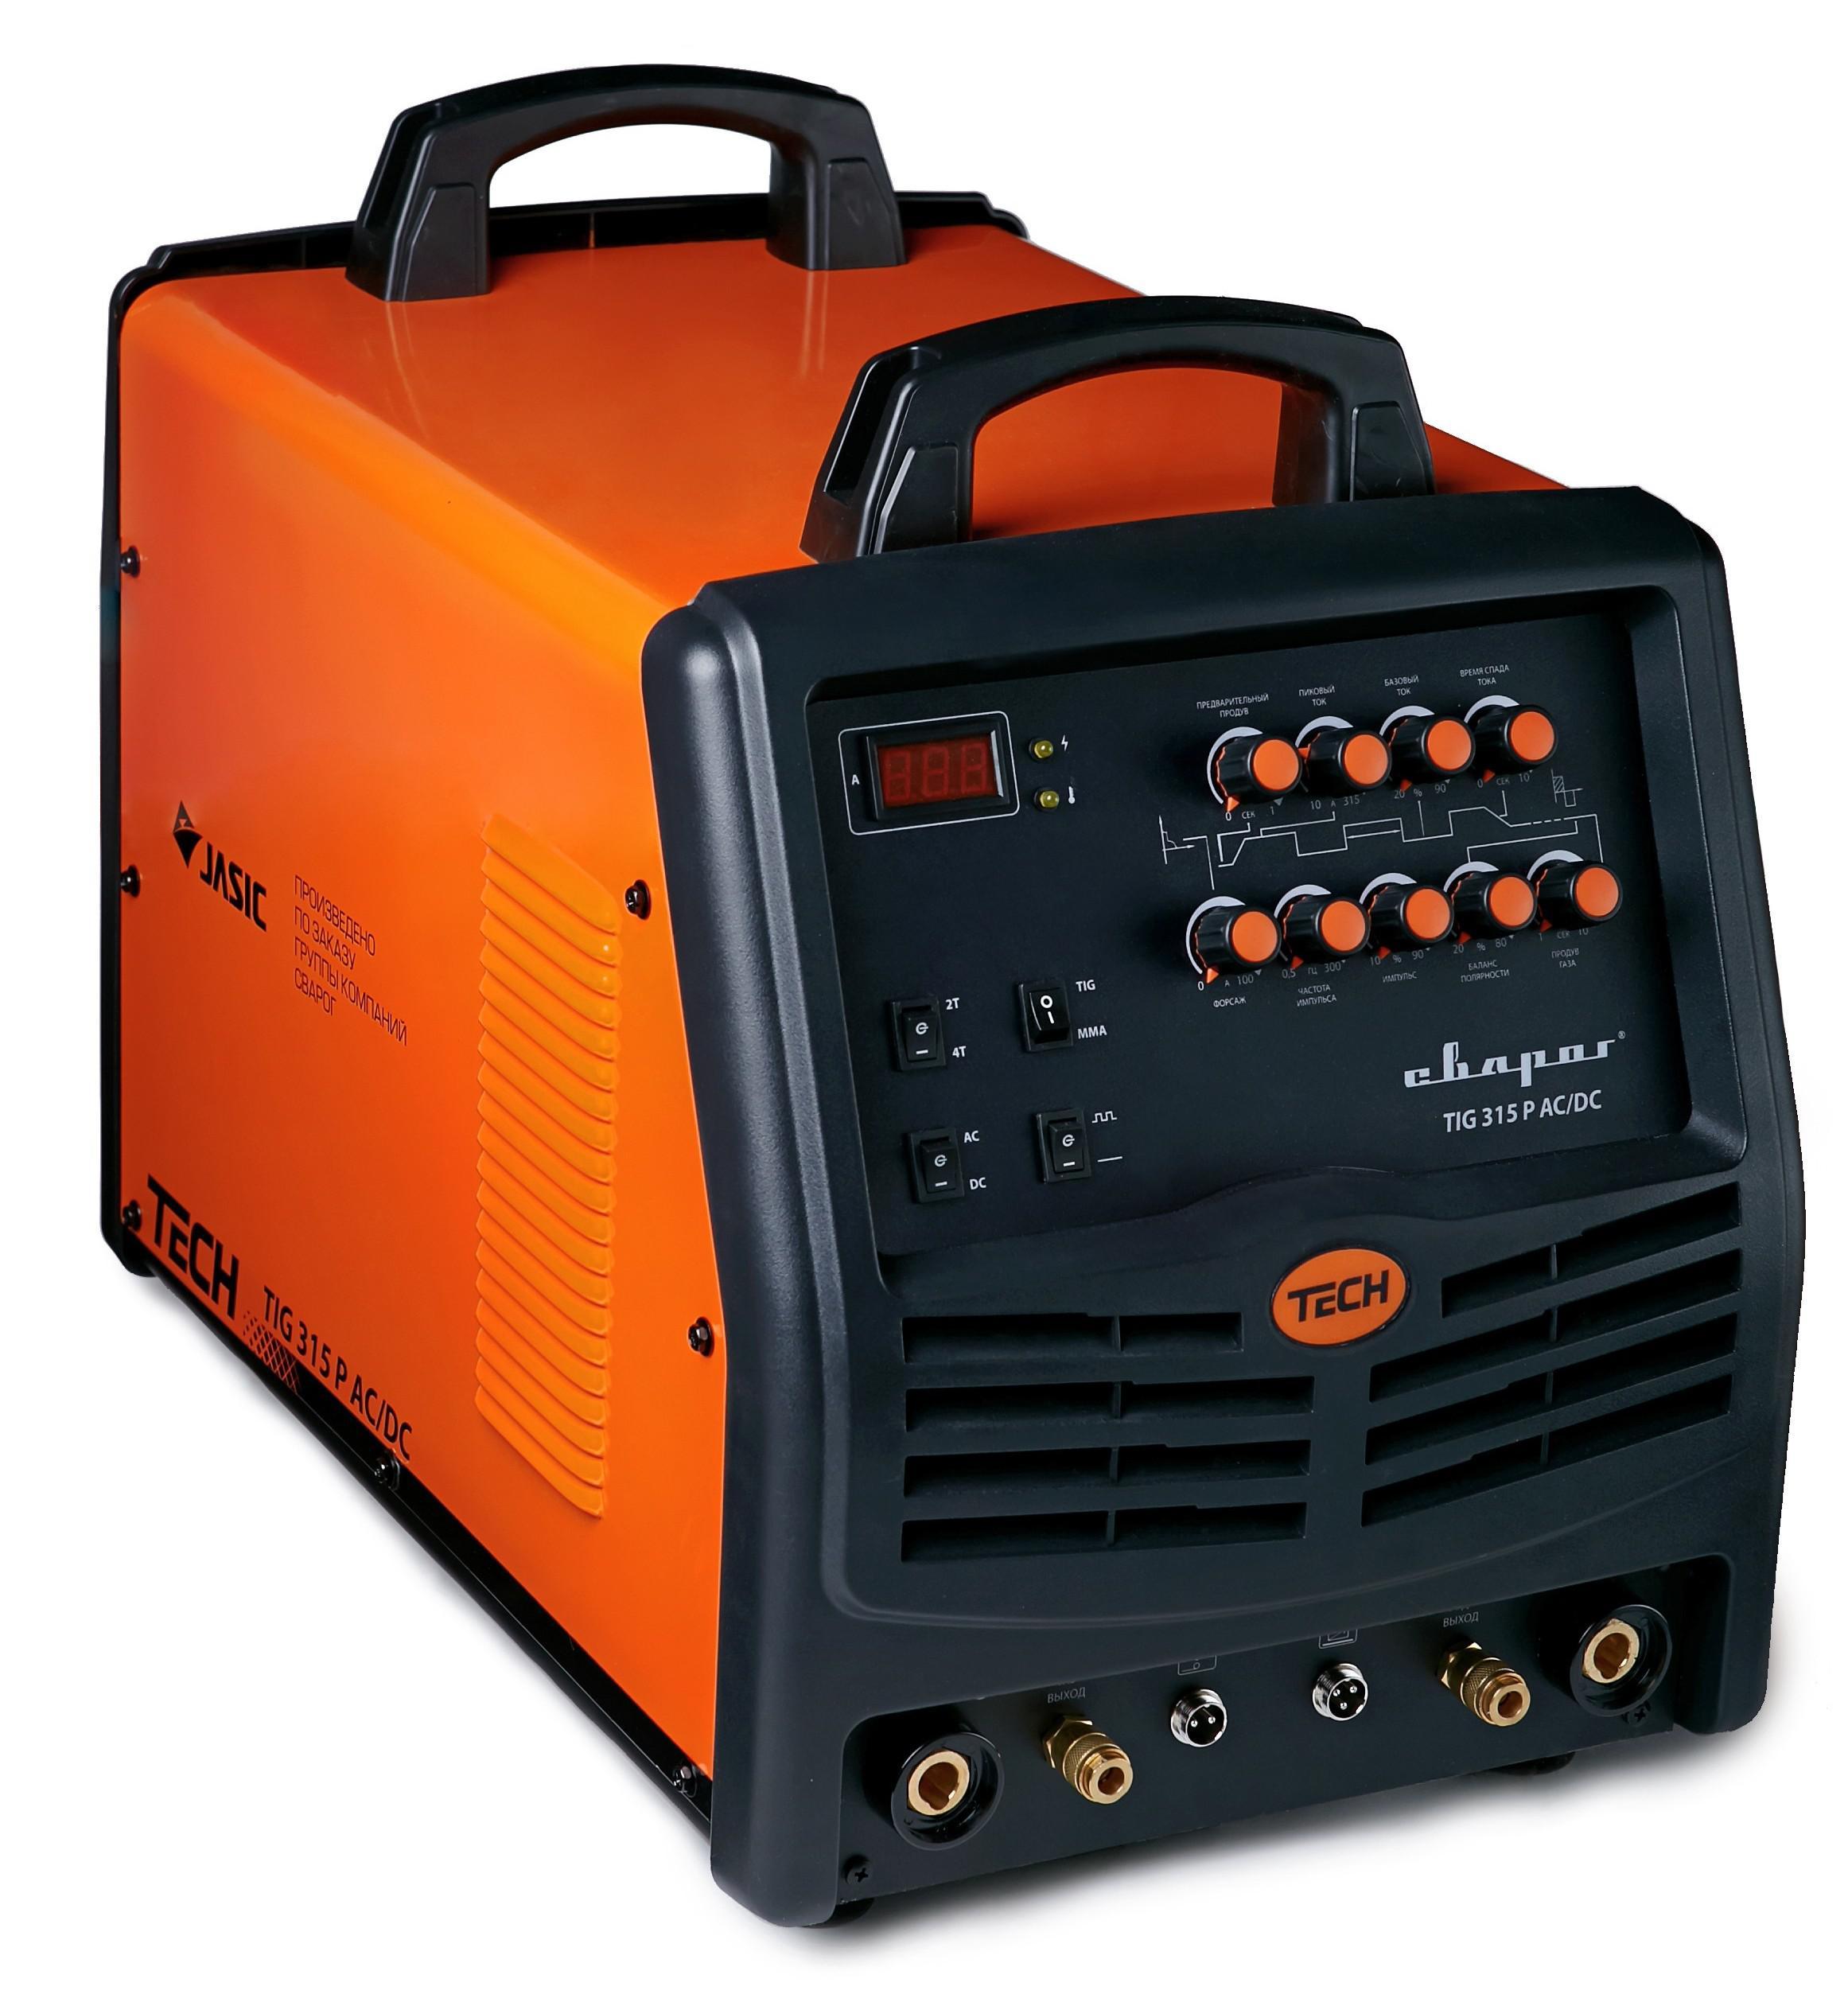 Сварочный аппарат СВАРОГ Tech tig 315 p ac/dc (e103) сварочный инвертор сварог tig 315 p ac dc r63